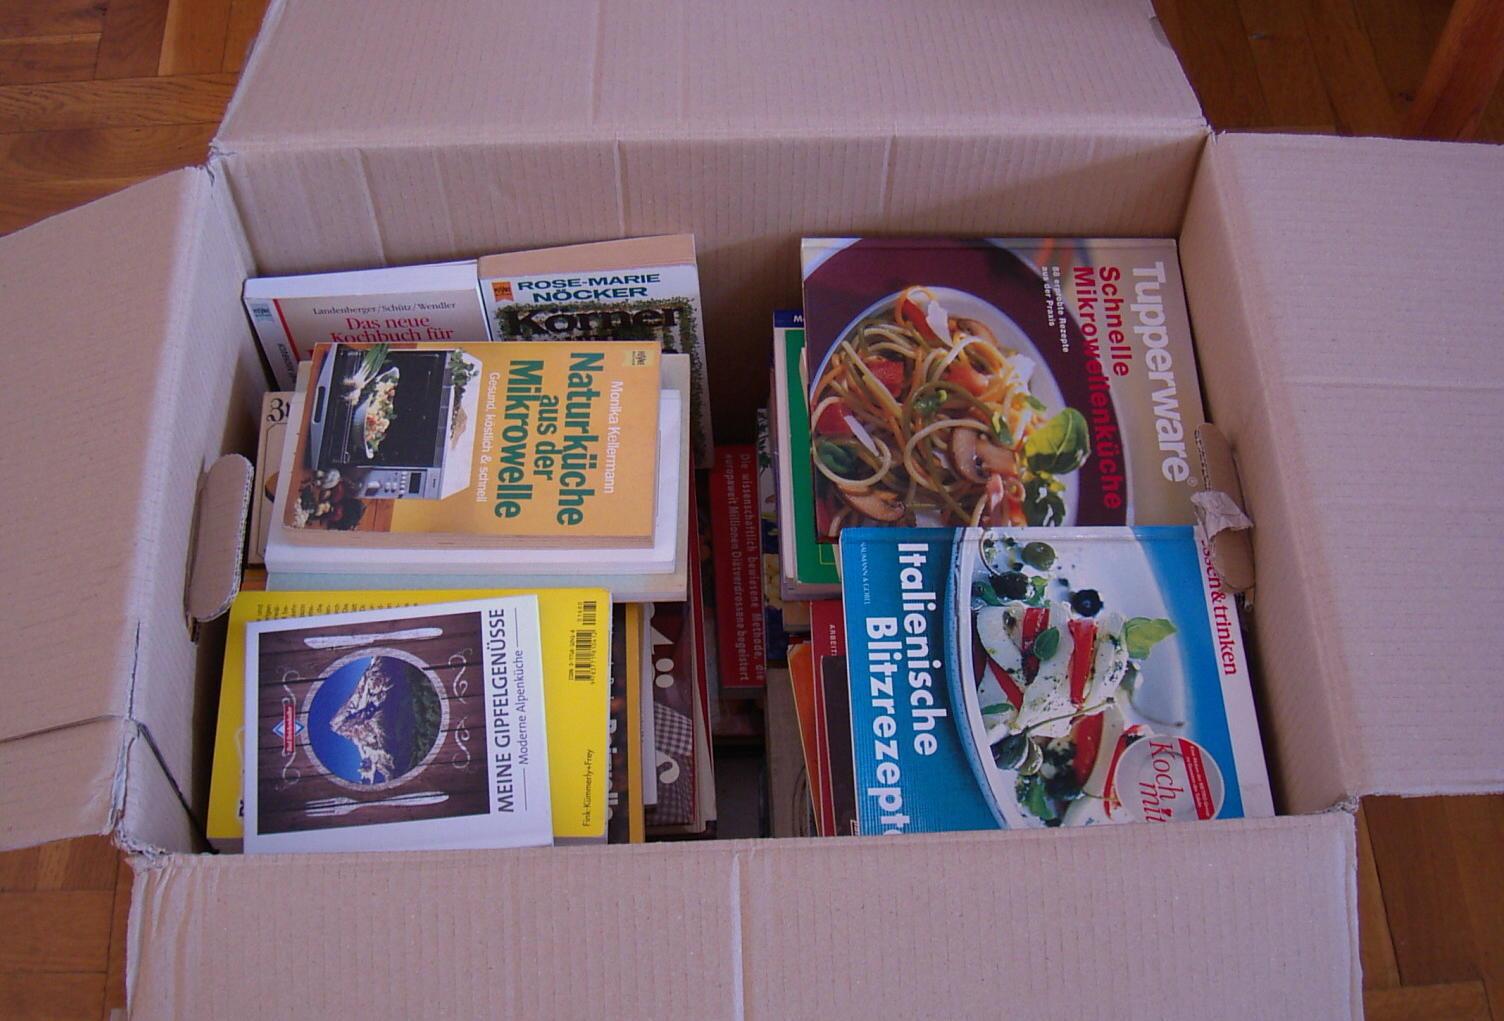 Konvolut/Sammlung 59 Kochbücher - Umzugskarton voller Rezepte